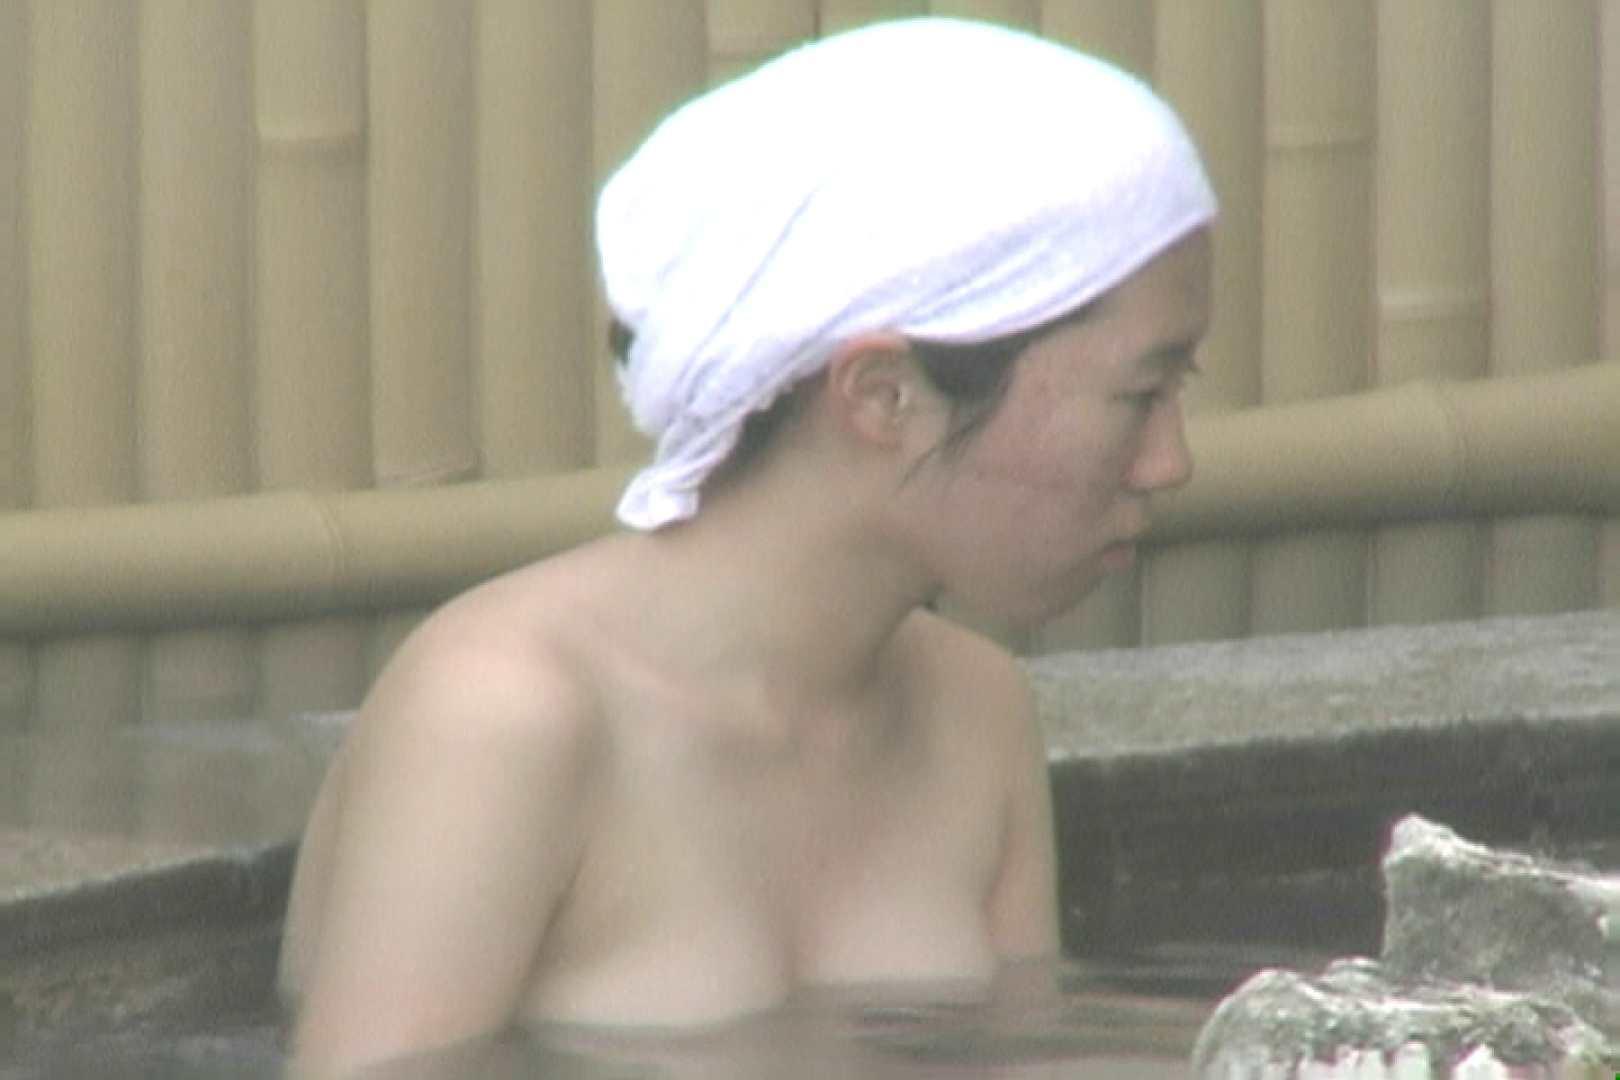 女露天風呂劇場 Vol.26 OLのボディ  109PIX 72